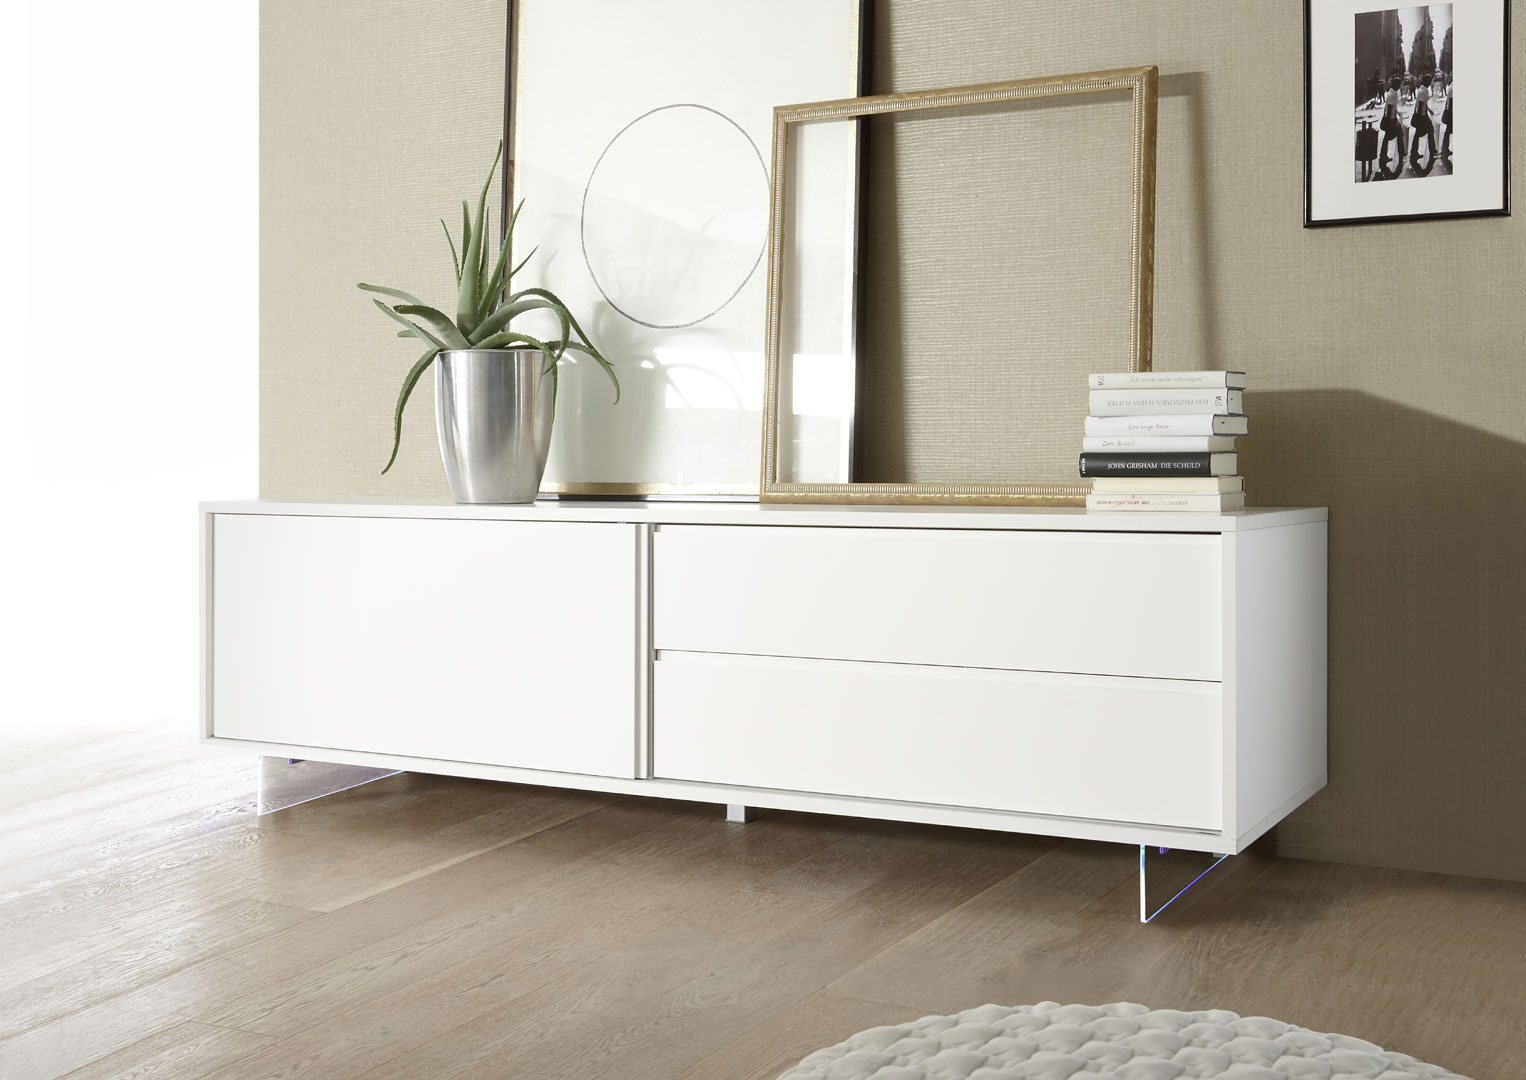 buffet bahut bas design 1 porte 2 tiroirs laque blanc mat martin